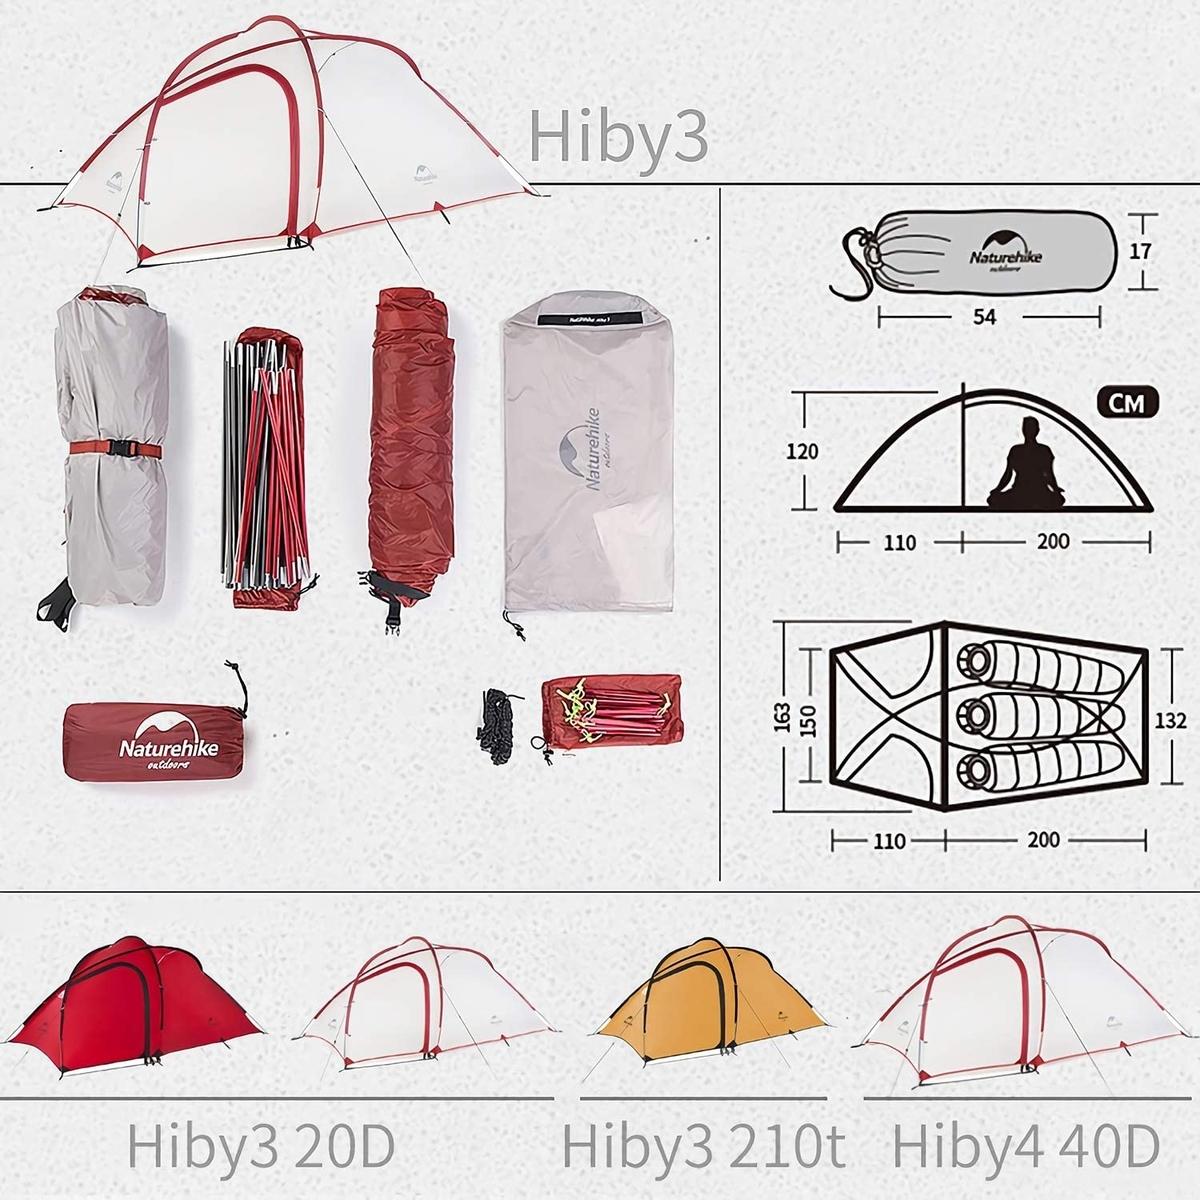 f:id:bikecamper:20200826210141j:plain